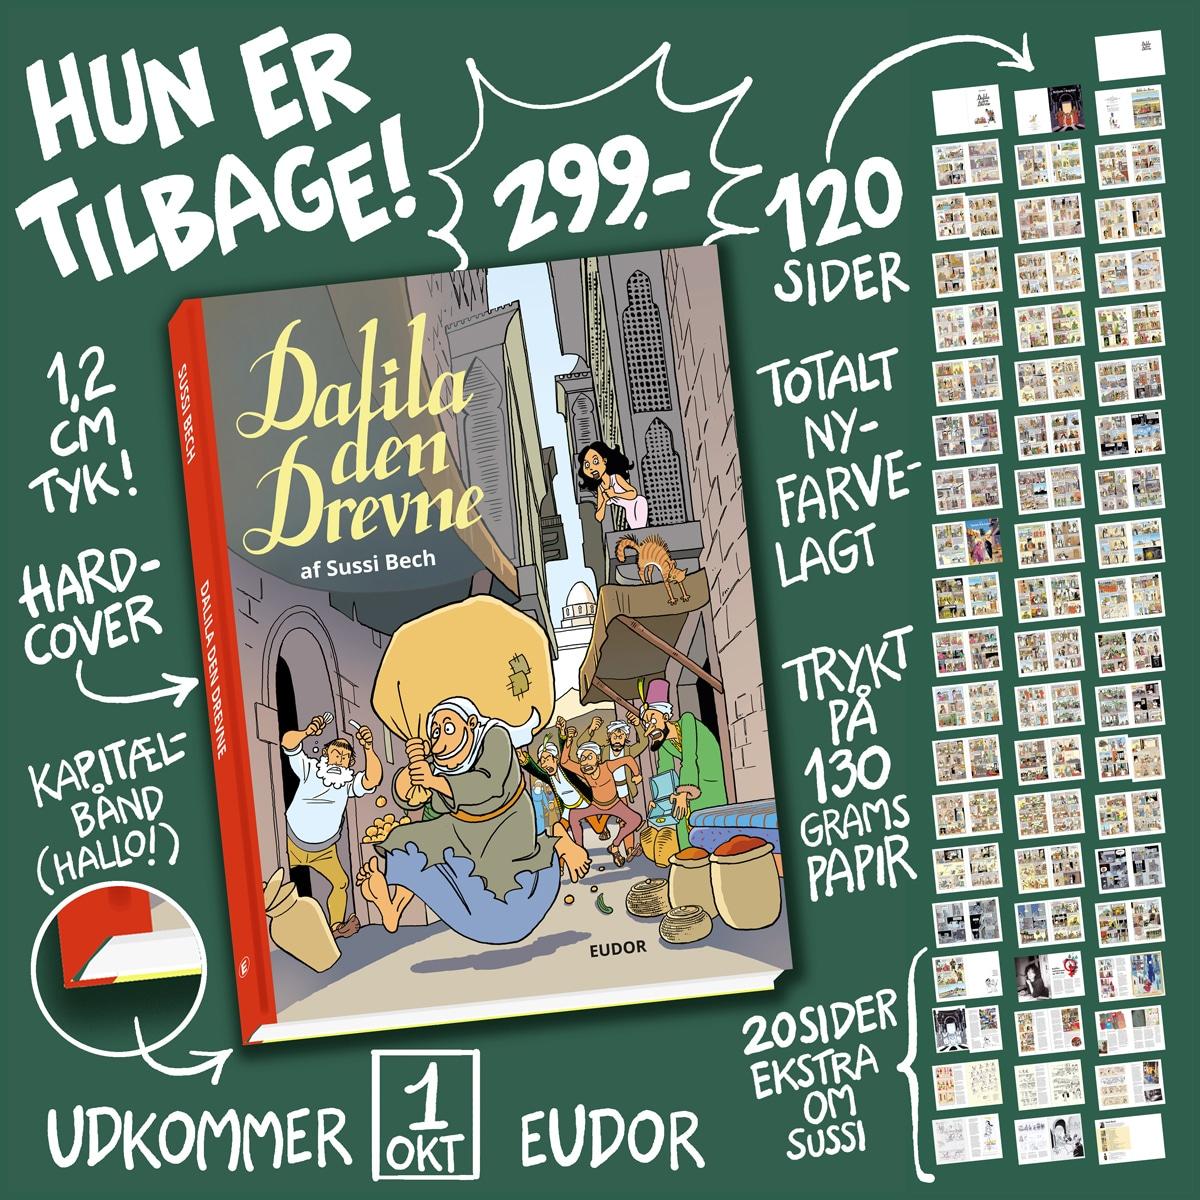 1001 Nat tegneserie: Dalila den Drevne i luksusudgave